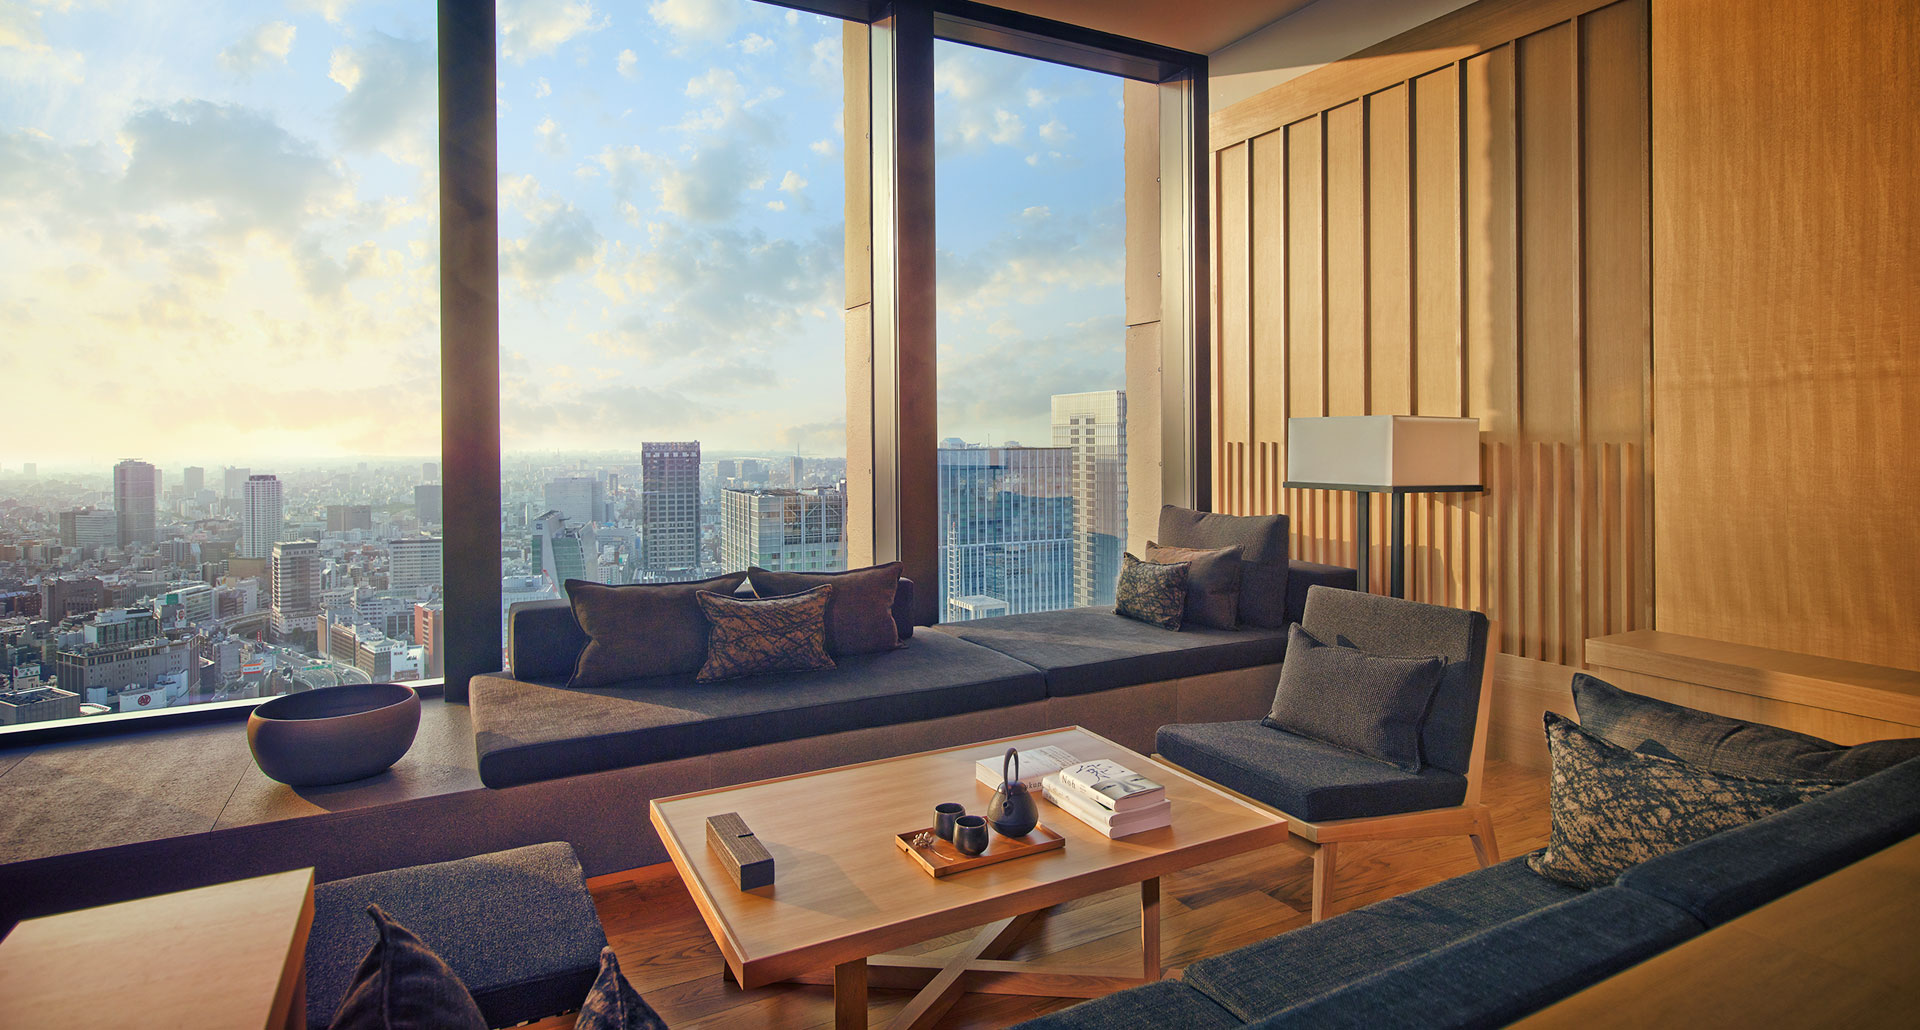 Aman Tokyo - boutique hotel in Tokyo